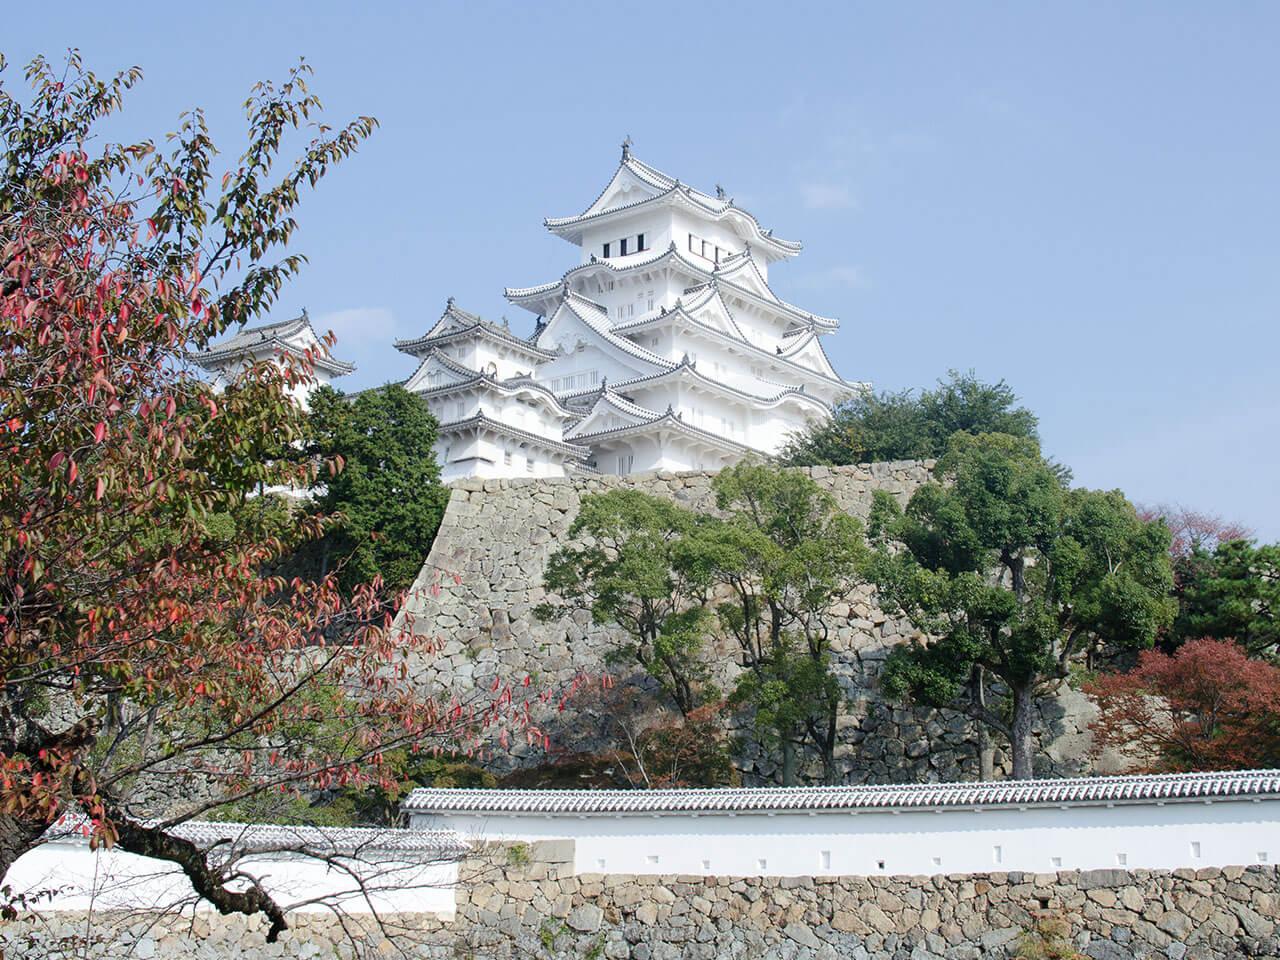 Listopedia: the Essential Japan Bucket List